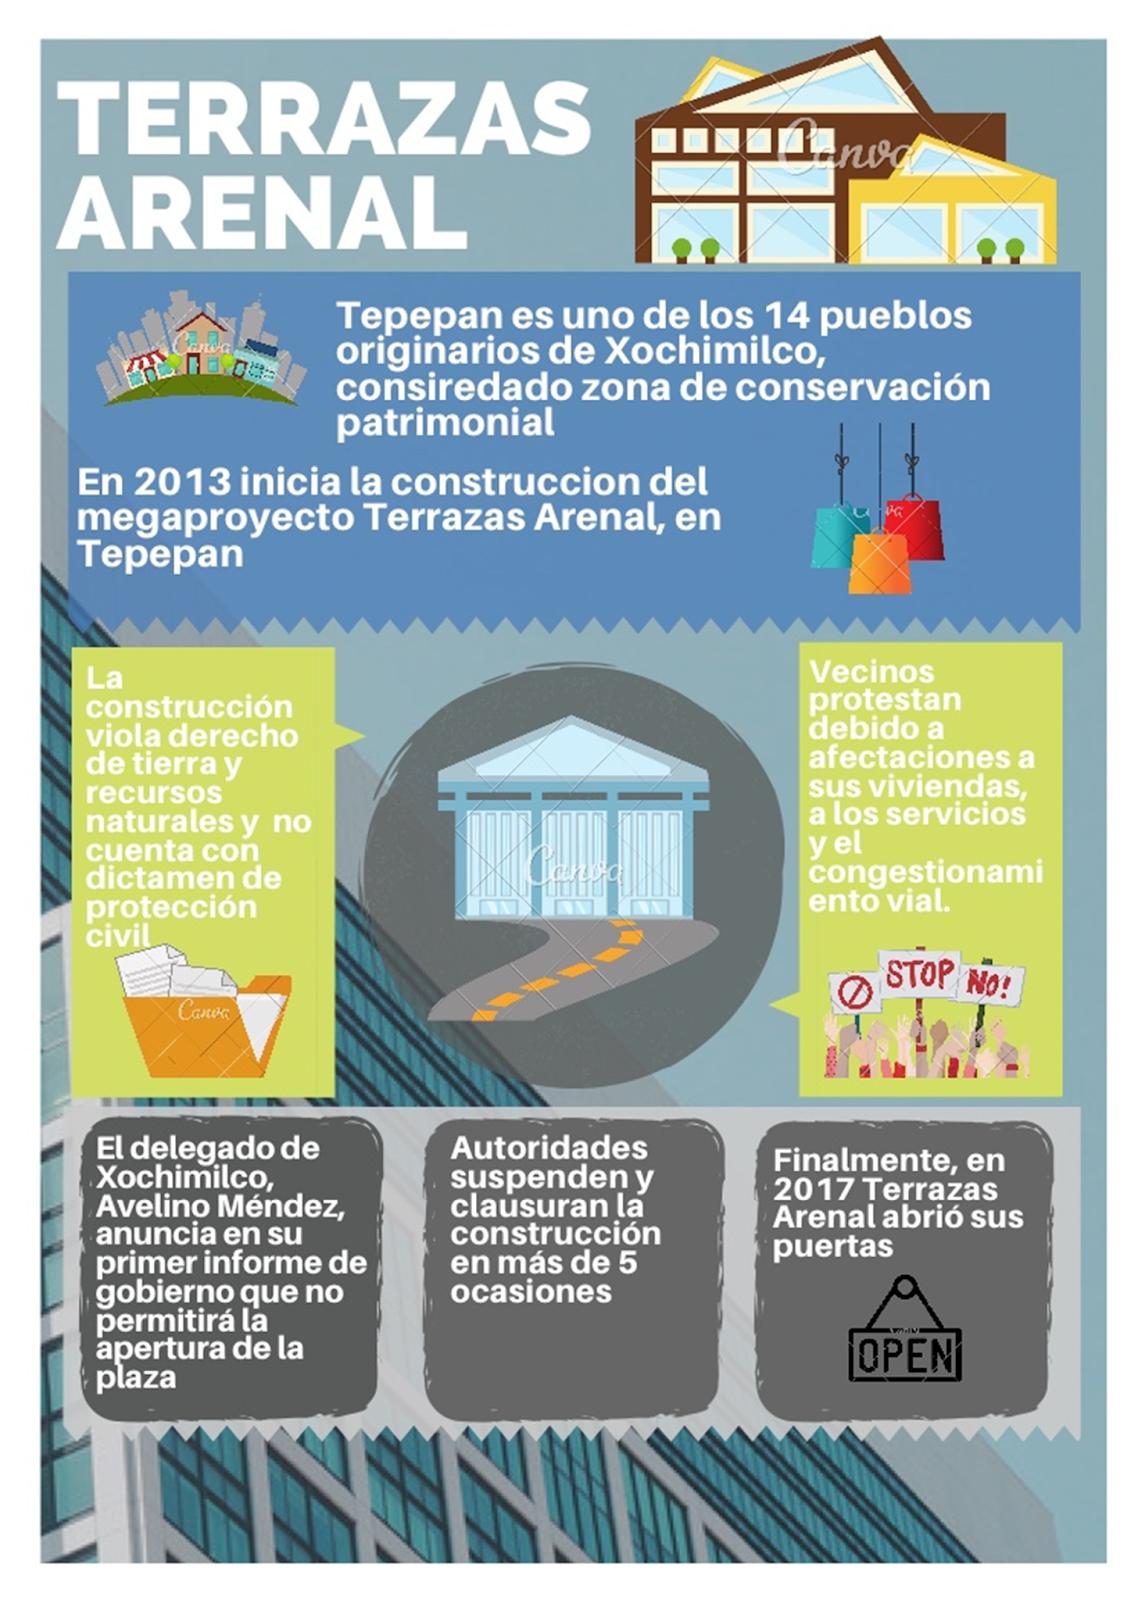 Aunam Terrazas Arenal La Transformación Del Pueblo De Tepepan